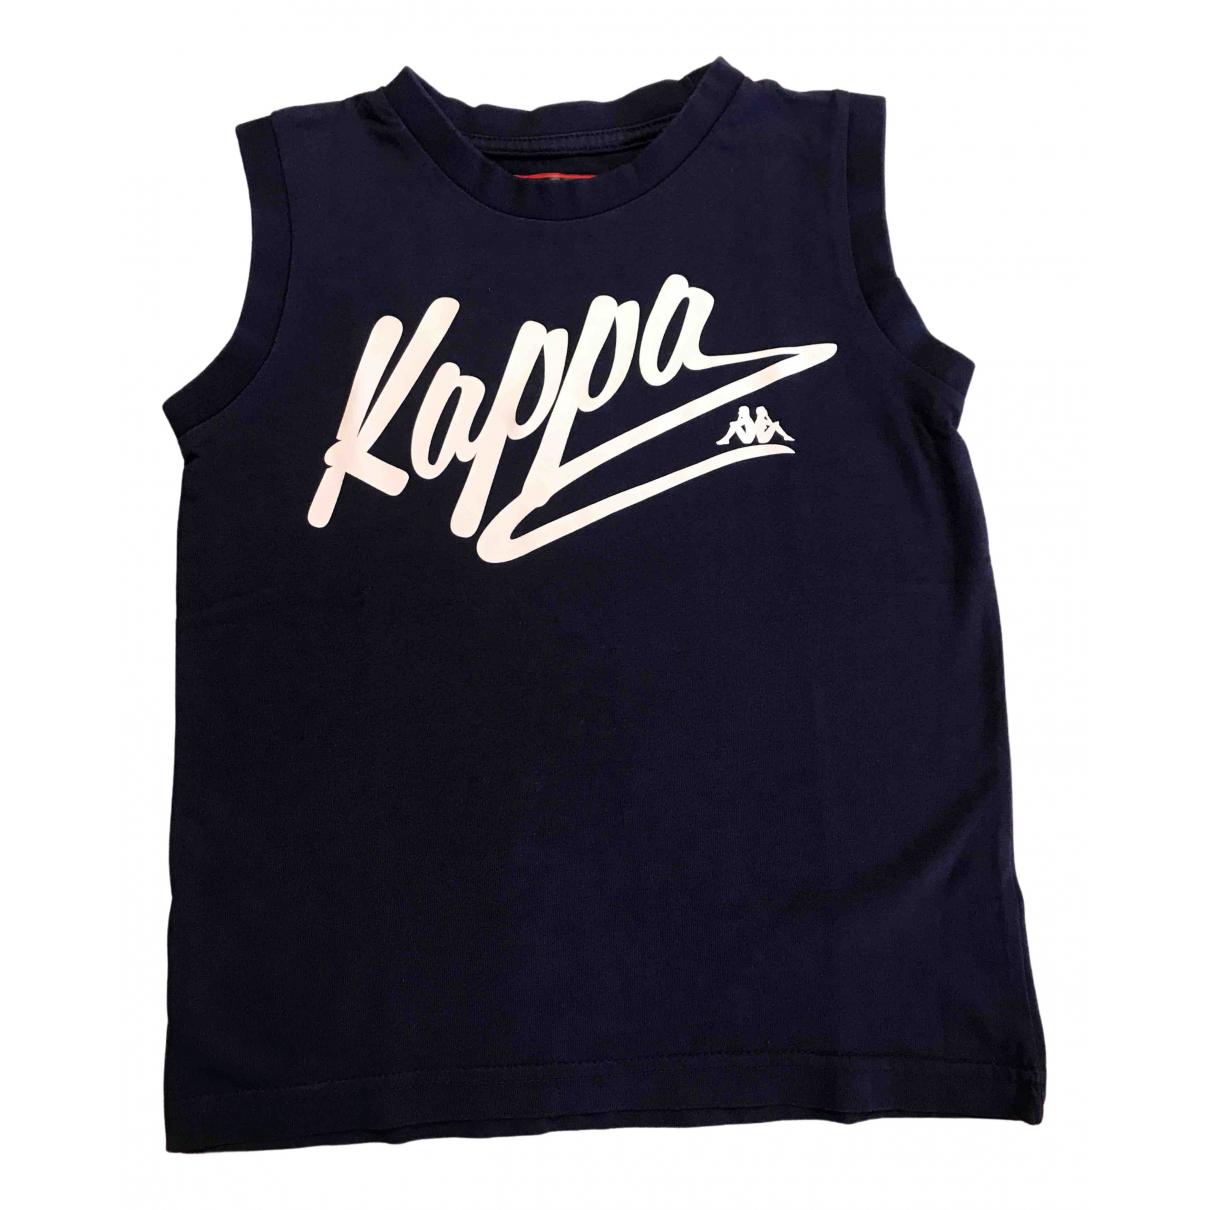 Kappa - Top   pour enfant en coton - bleu